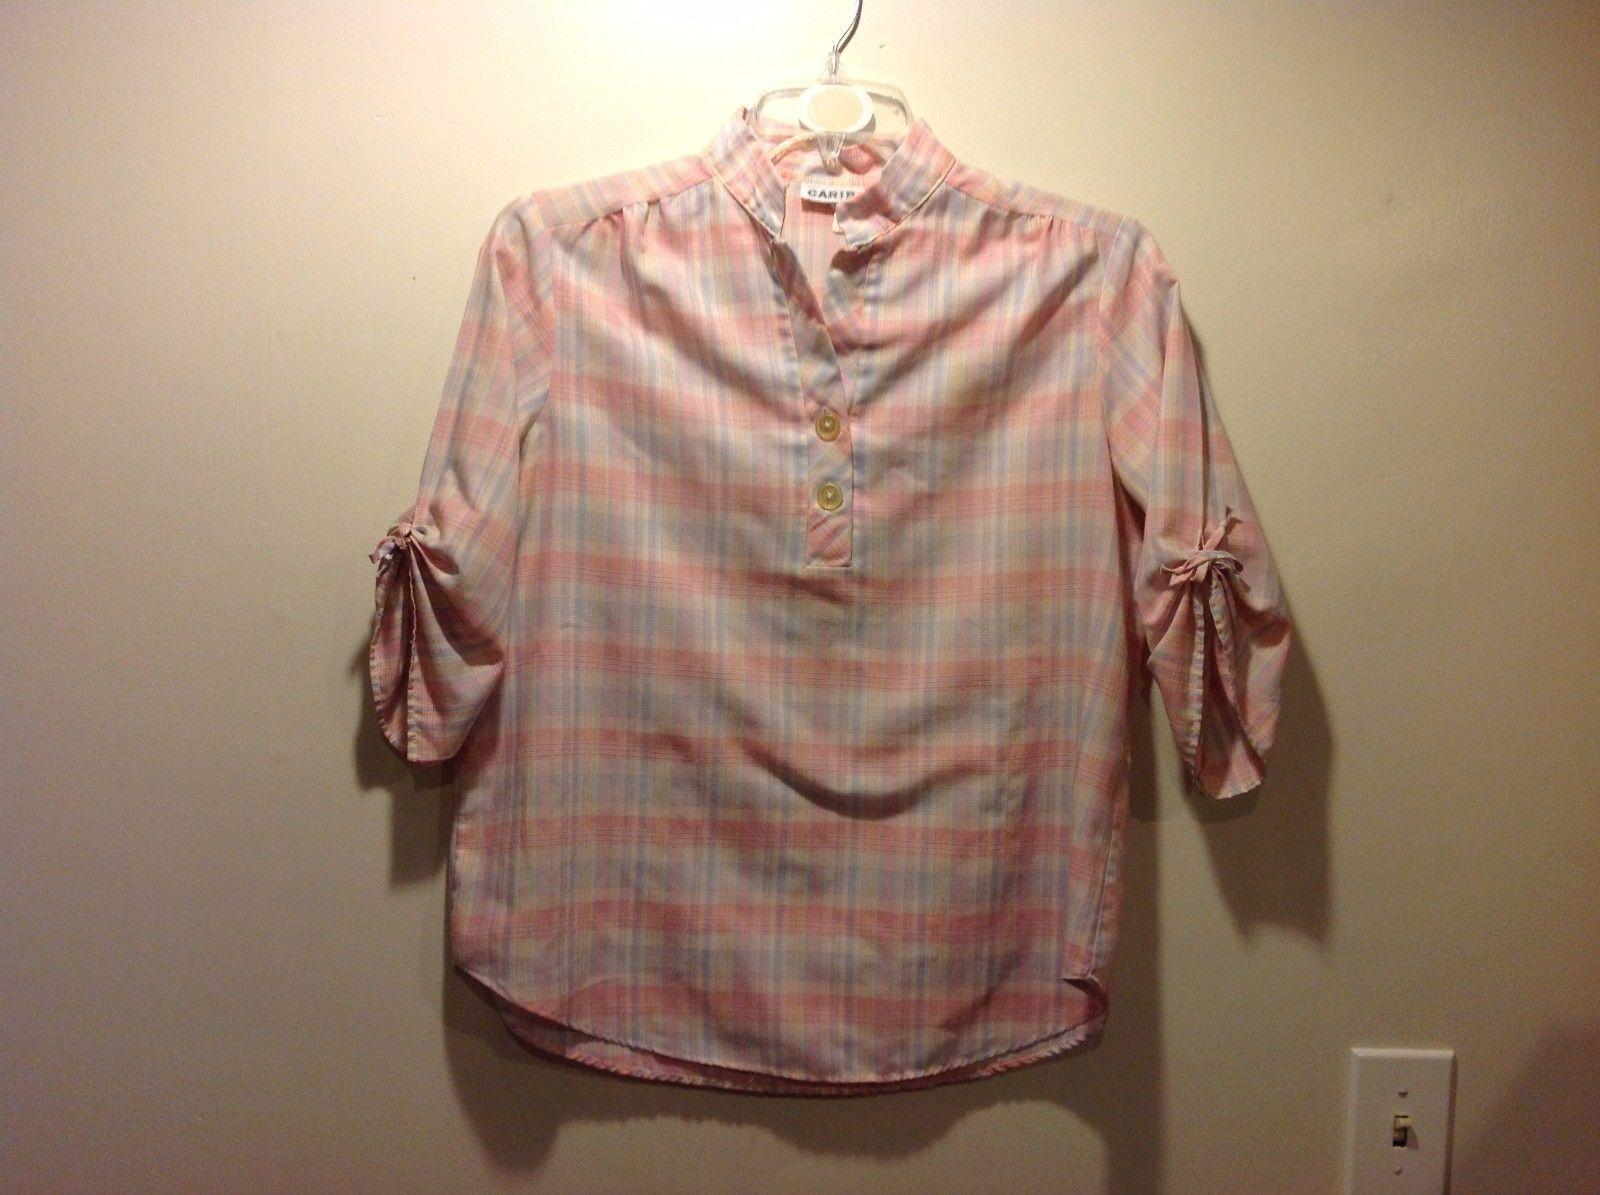 Ladies Caribou Plaid Pastel Colored Pullover PJ Top Sz 16